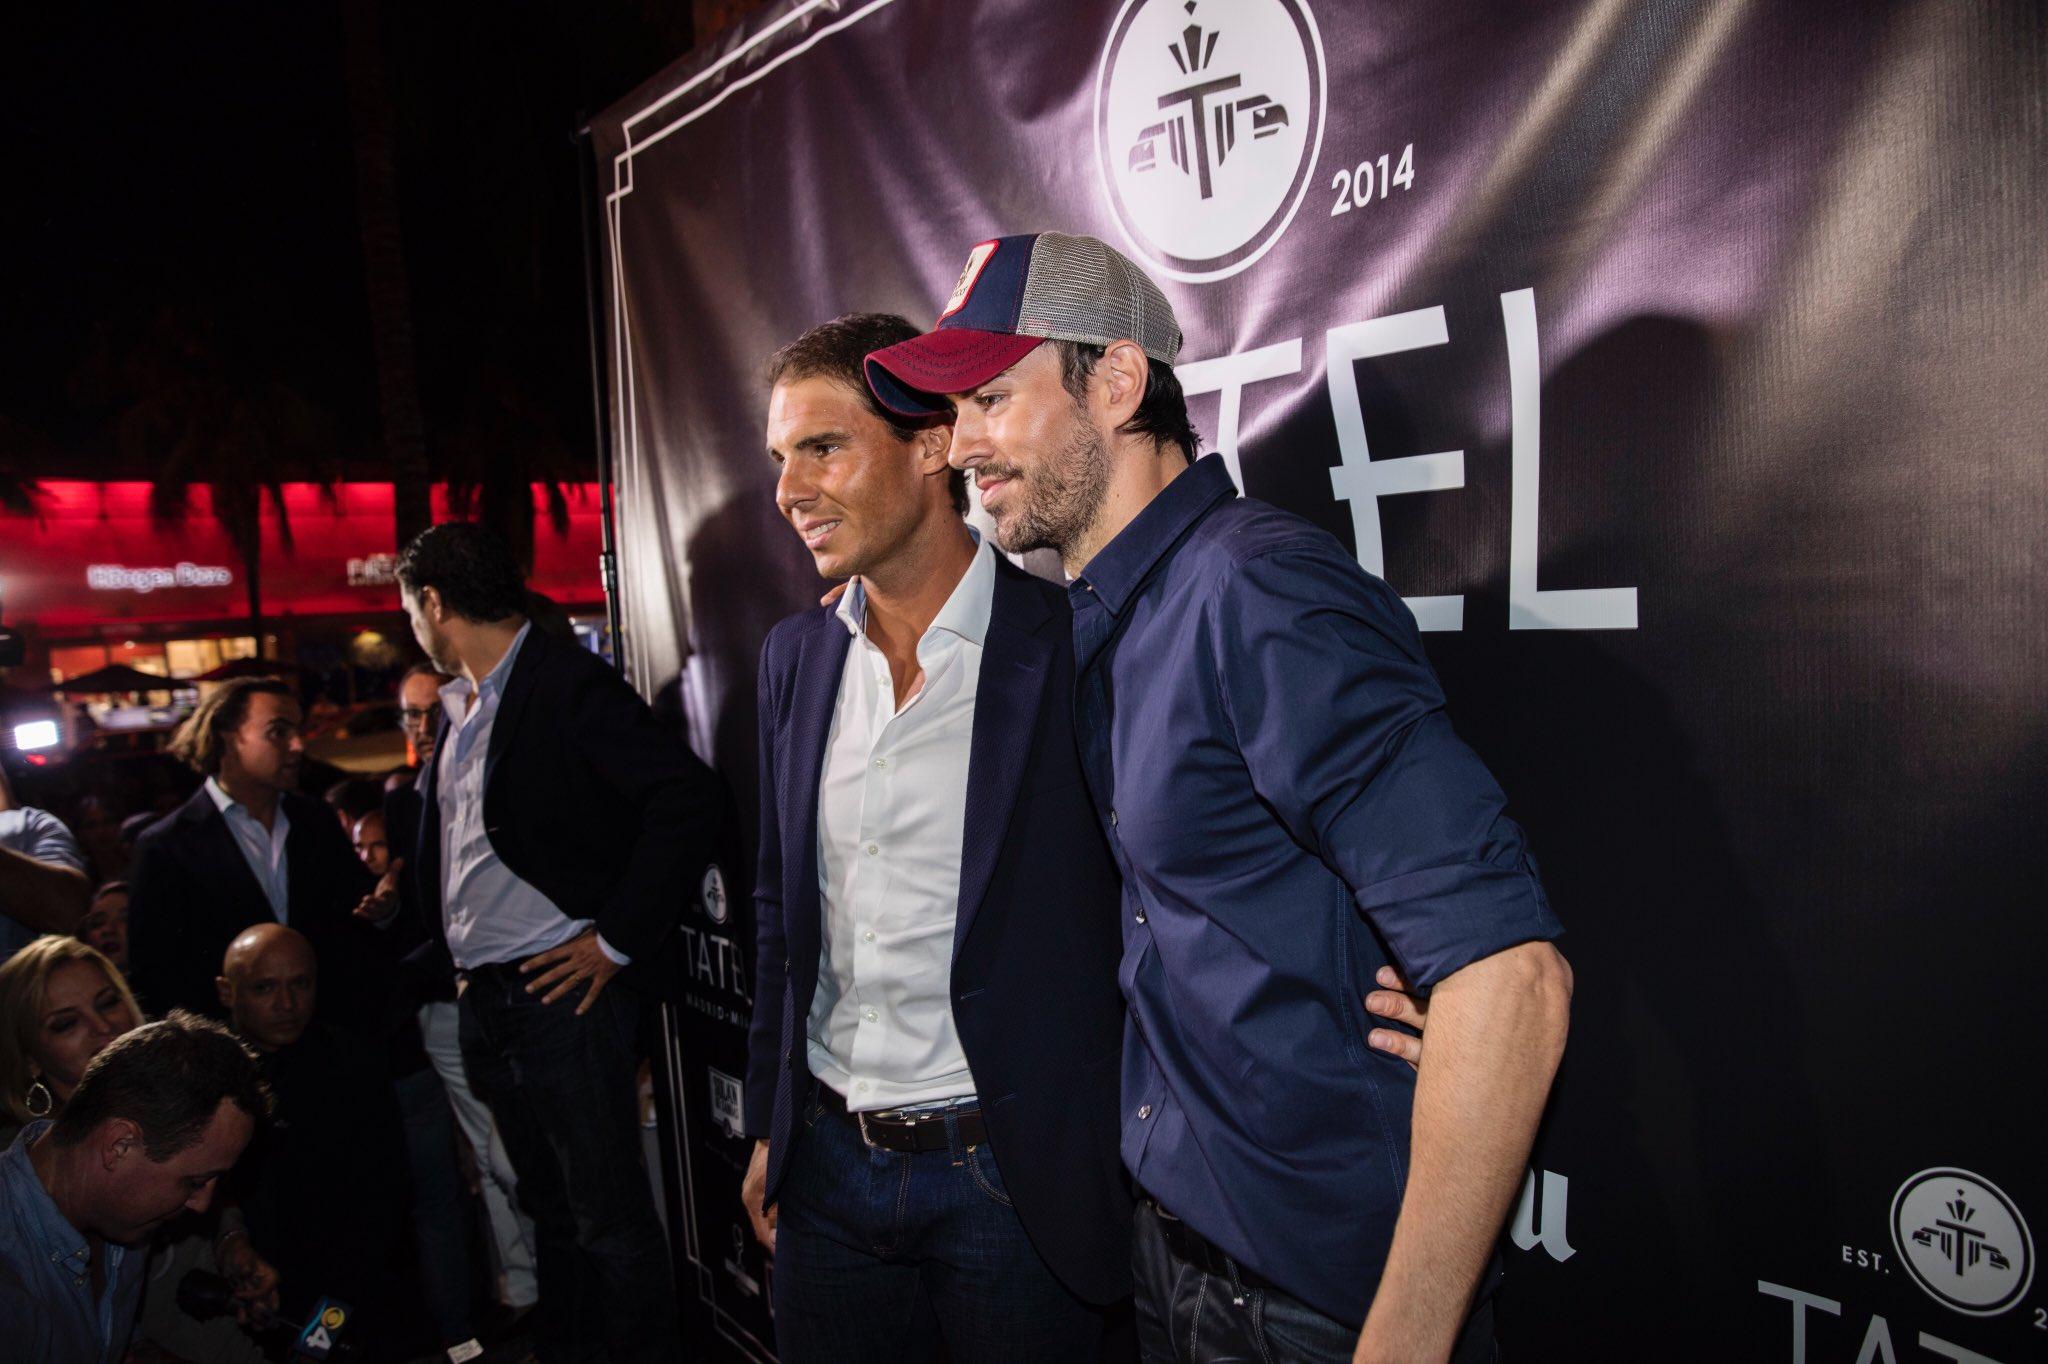 With the great @RafaelNadal at #TatelMiami. @TatelRestaurant  Photo: Alan Silfen https://t.co/nCA2kI8J5Y